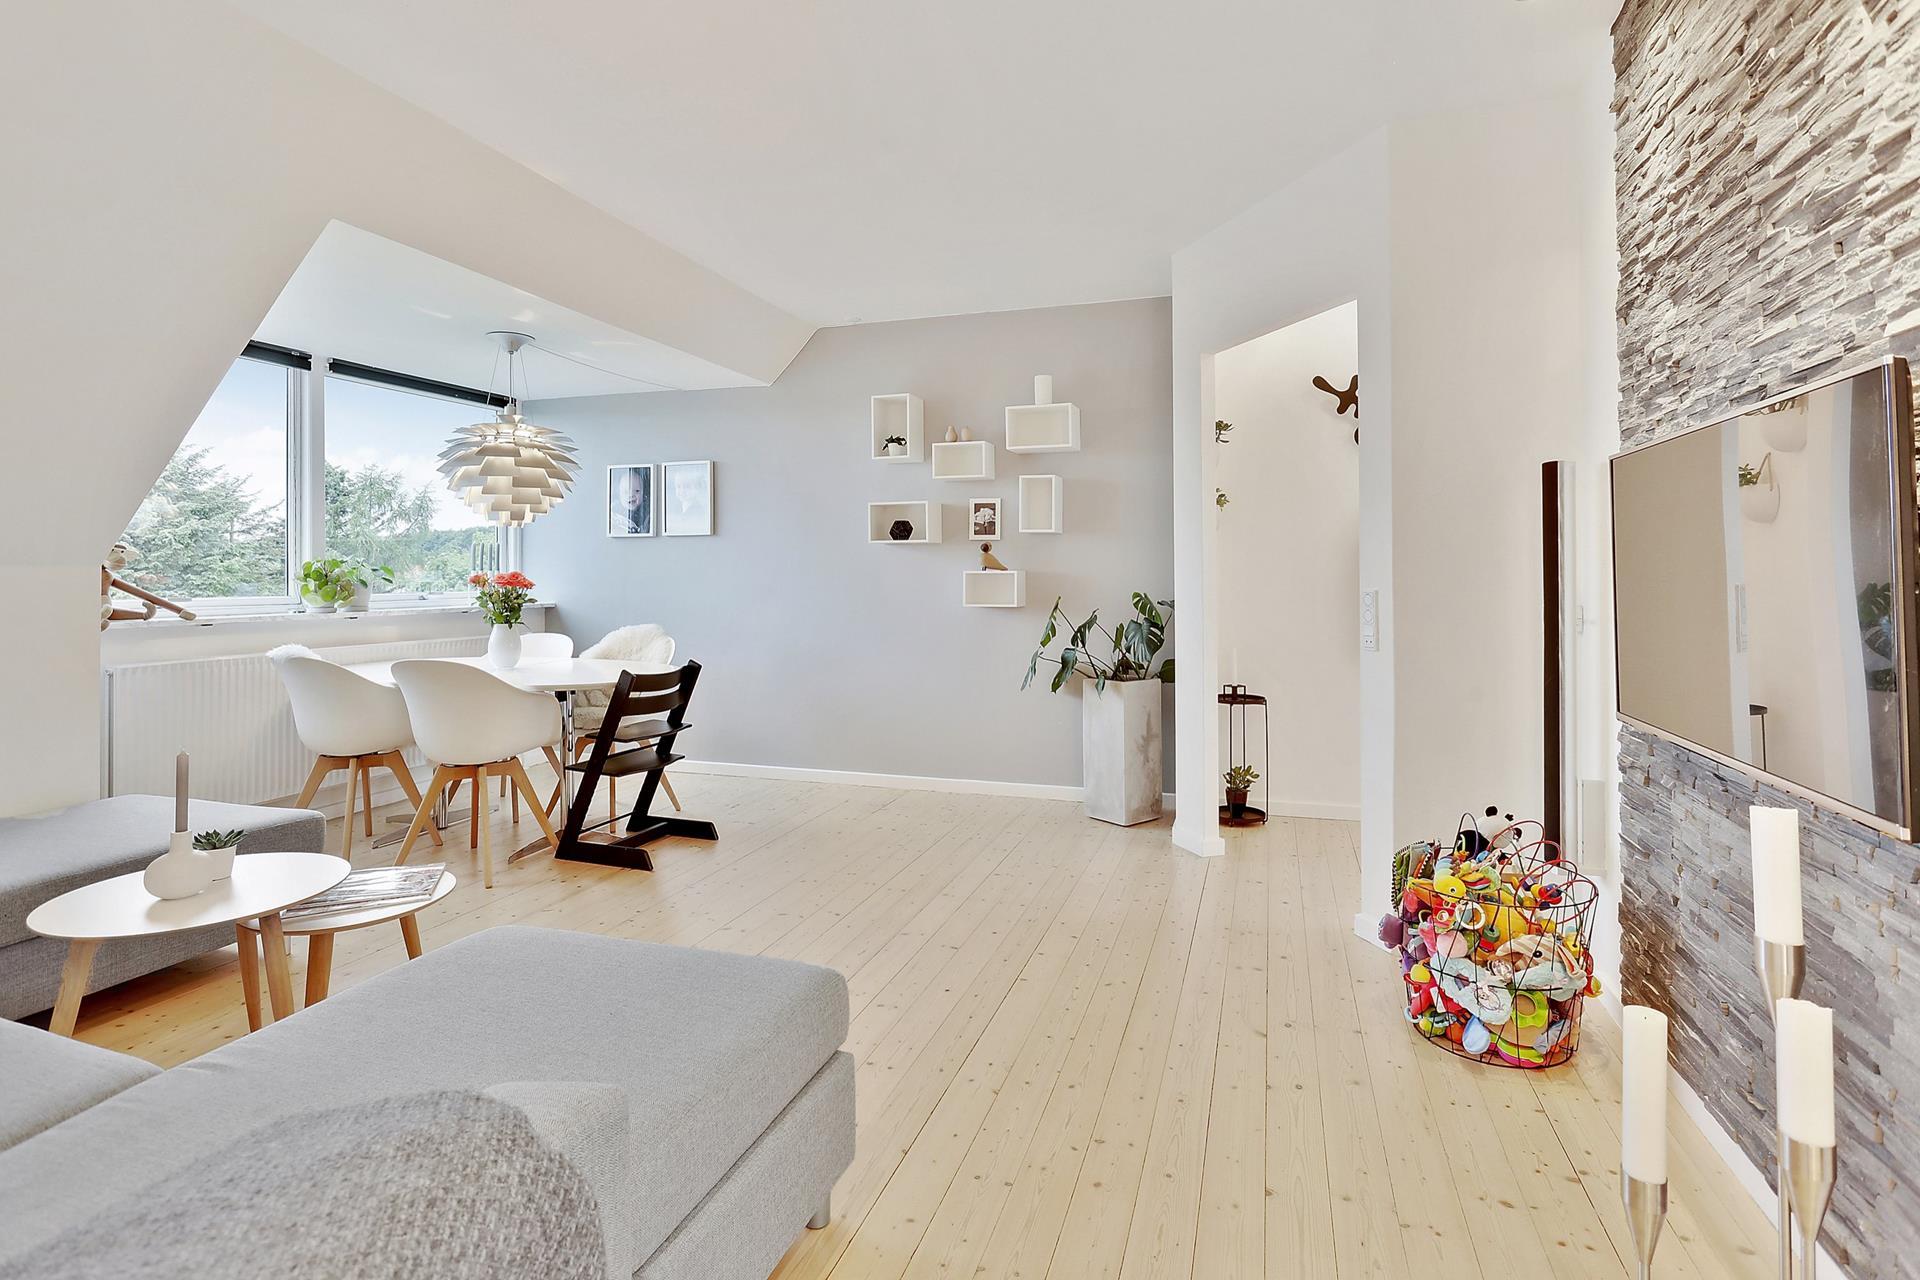 Pisos modernos en edificios de los 60 blog tienda decoraci n estilo n rdico delikatissen - Pisos modernos ...